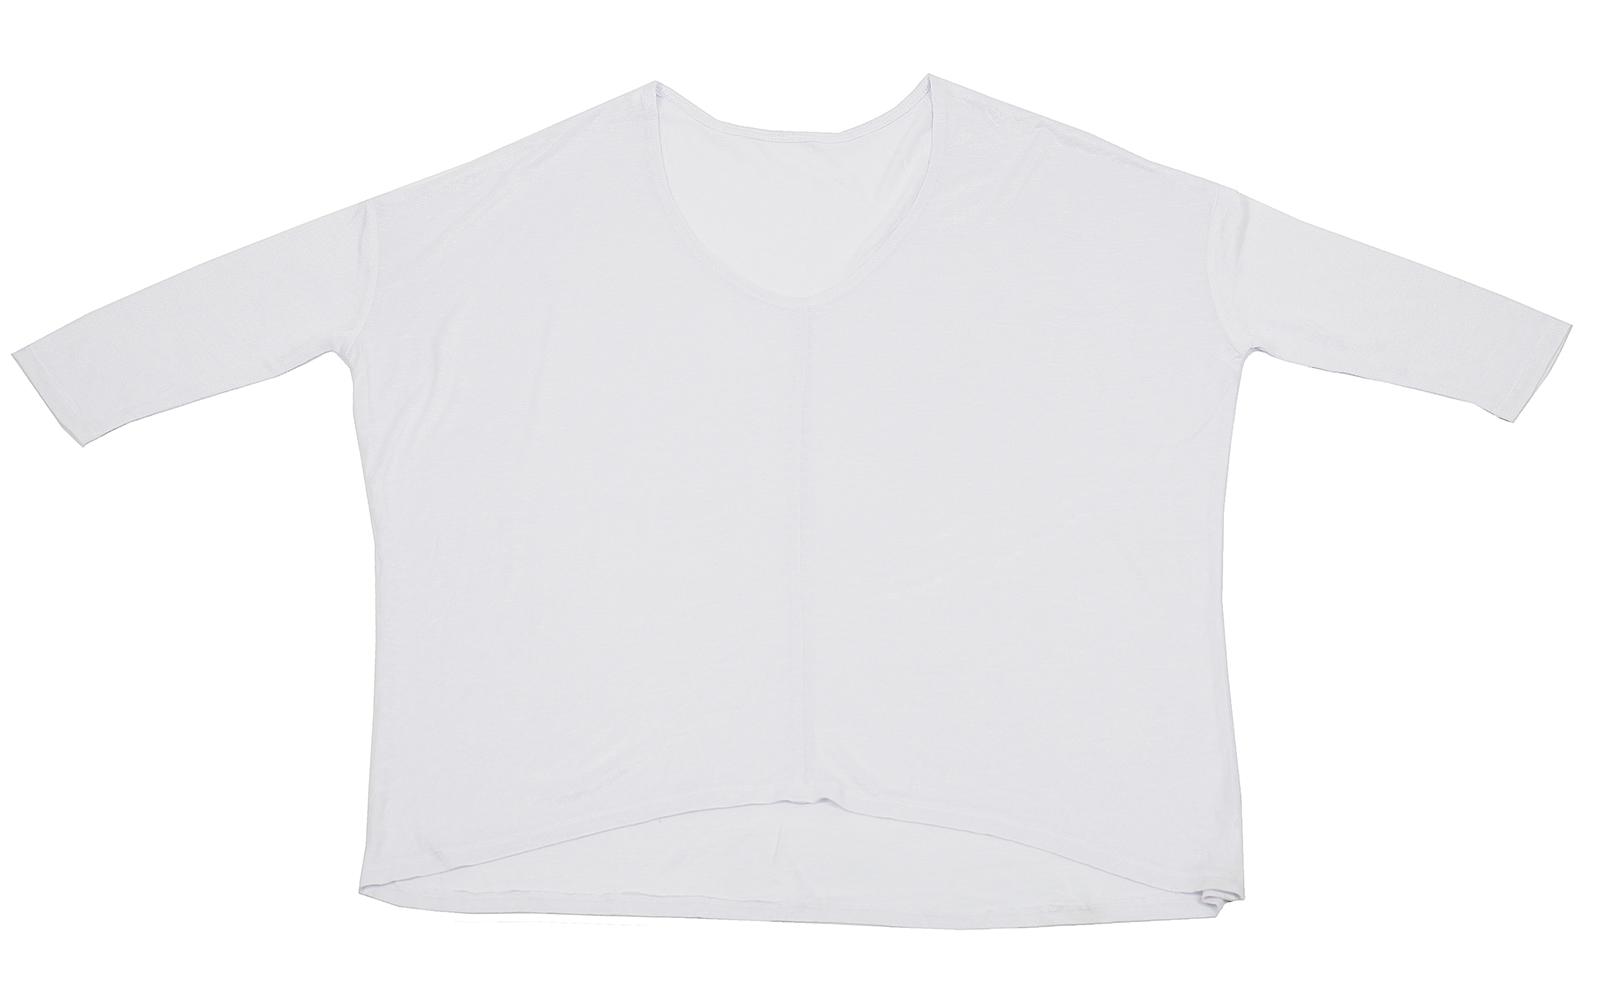 Белоснежная кофточка Karisma - базовая модель в гардеробе каждой девушки